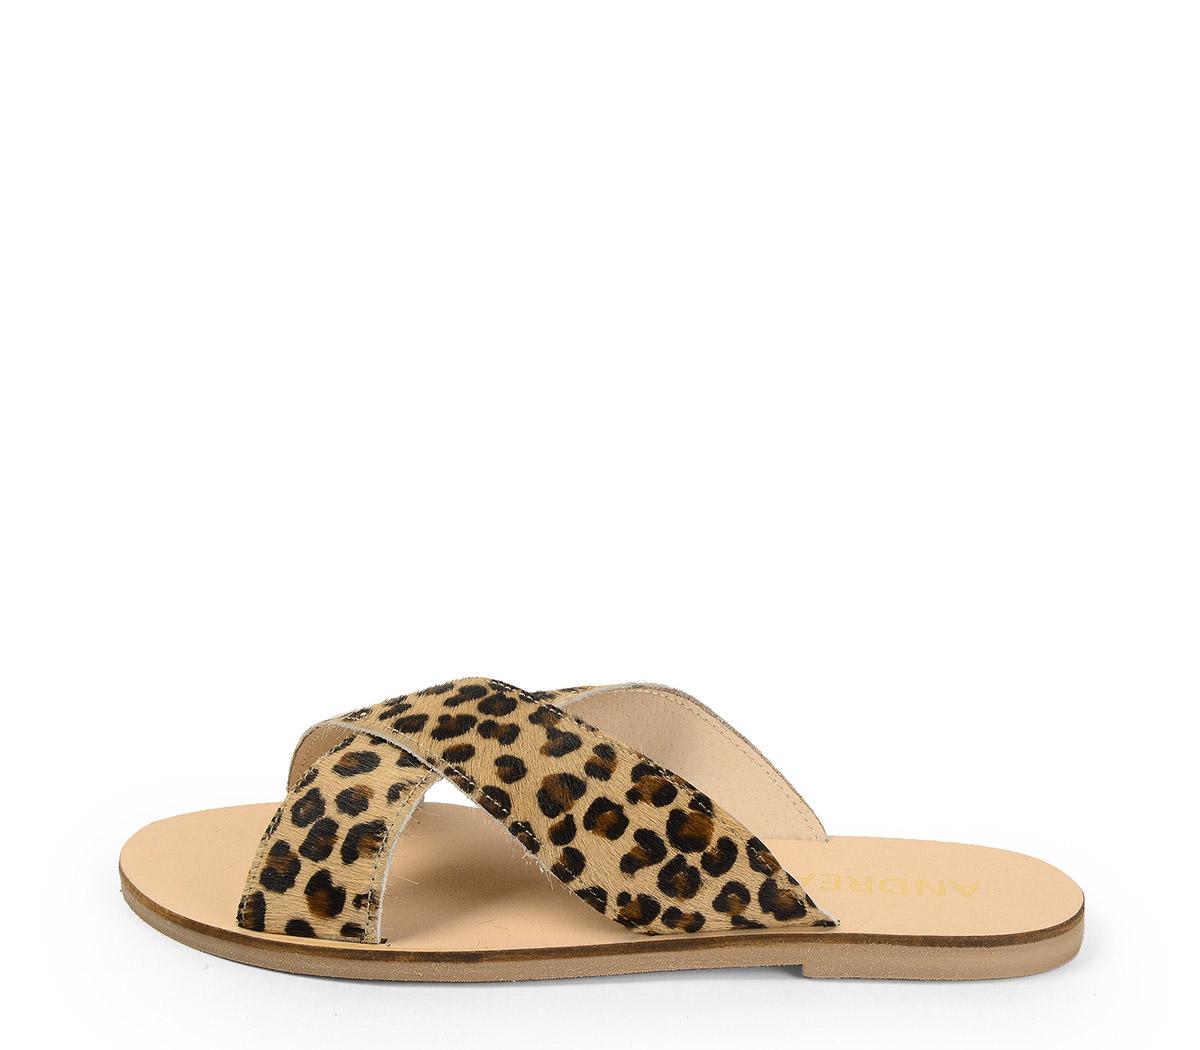 Ref. 3994 Sandalia potro leopardo con pala cruzada. Plantilla de piel.